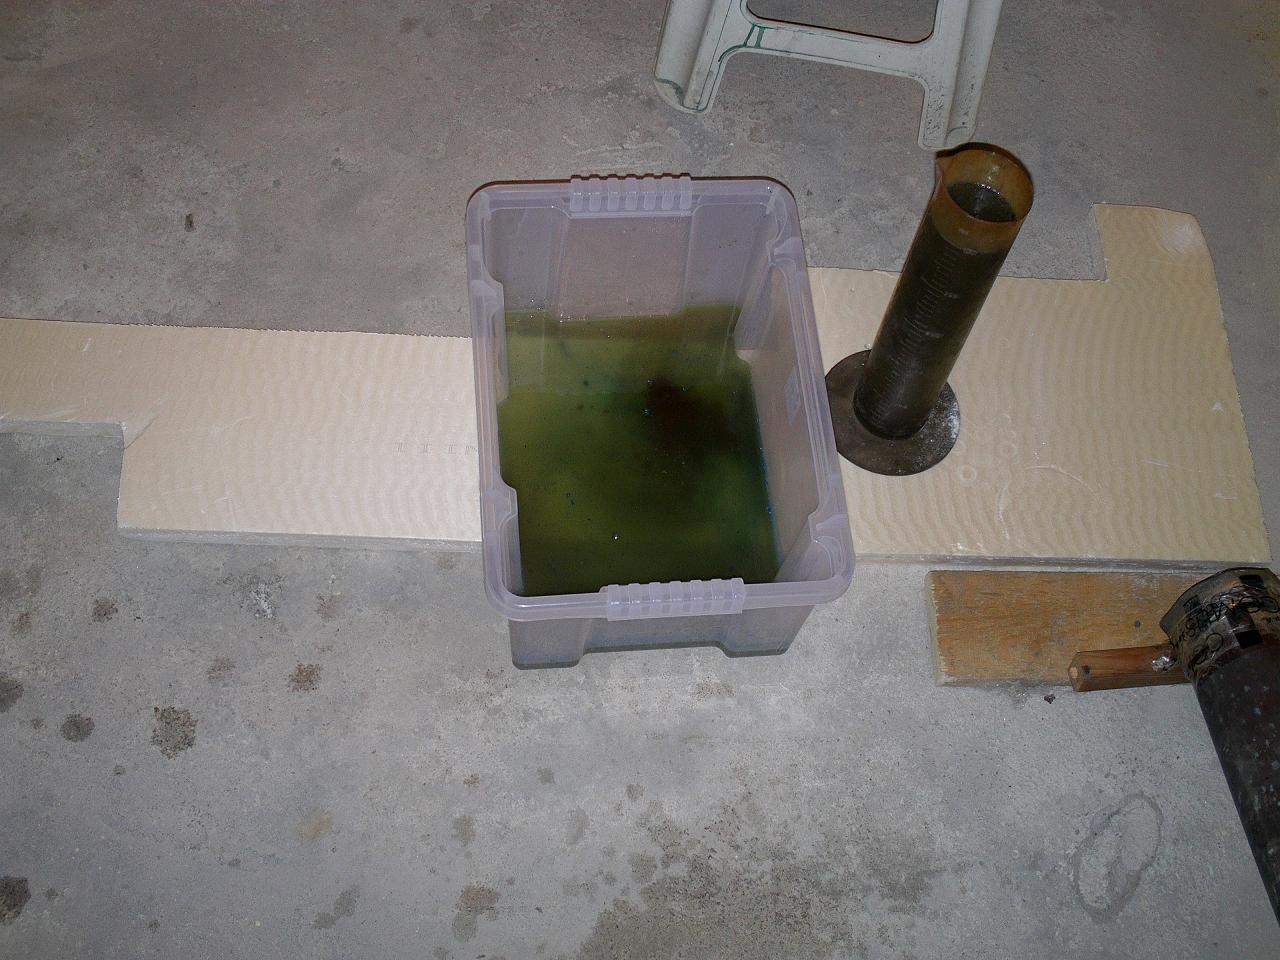 Deumidificare la casa con poca spesa pagina lastpost casa energetica - Deumidificare la casa ...